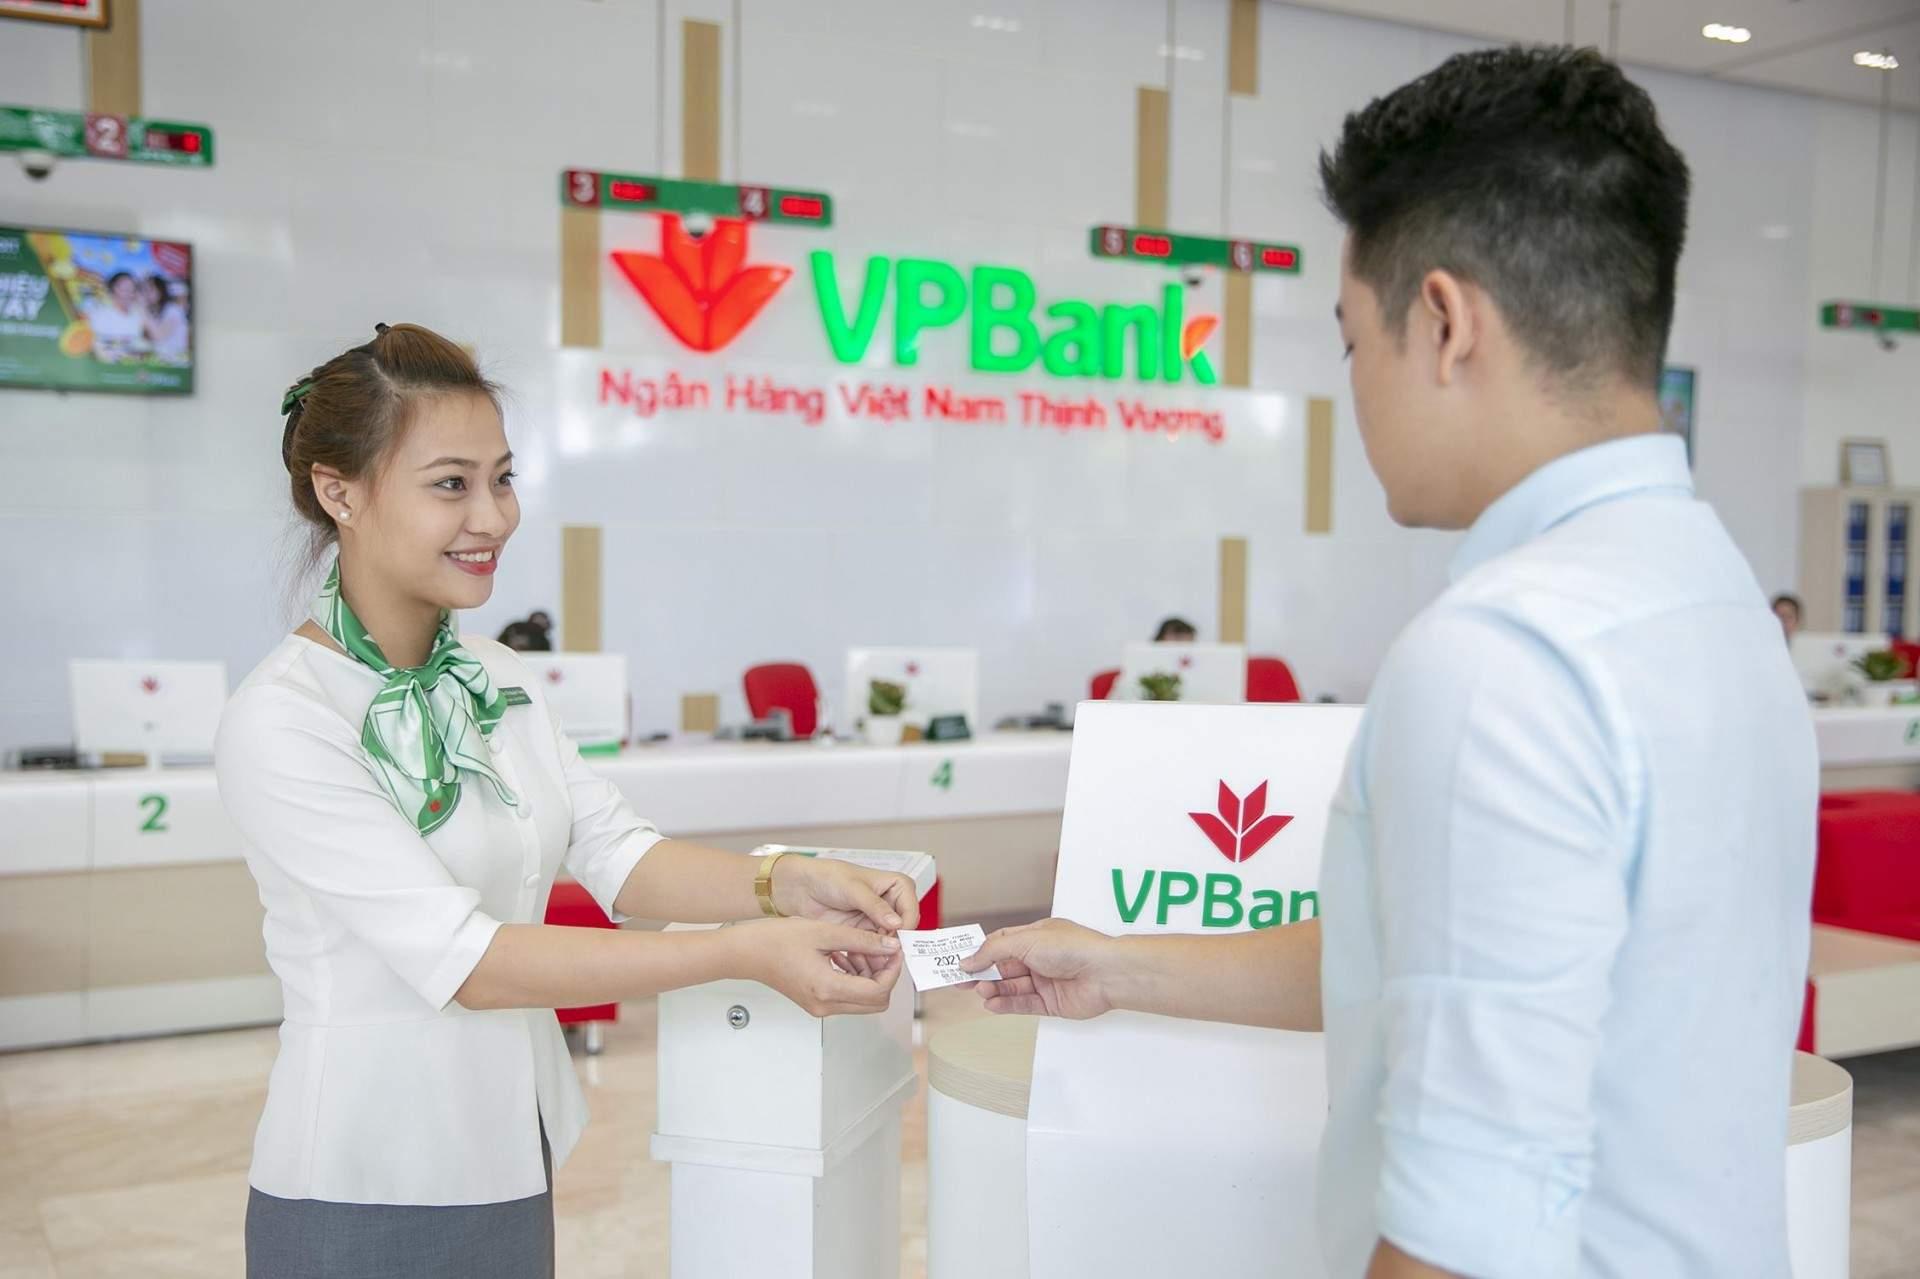 Khách hàng có thể đến ngân hàng VPBank để mua bảo hiểm